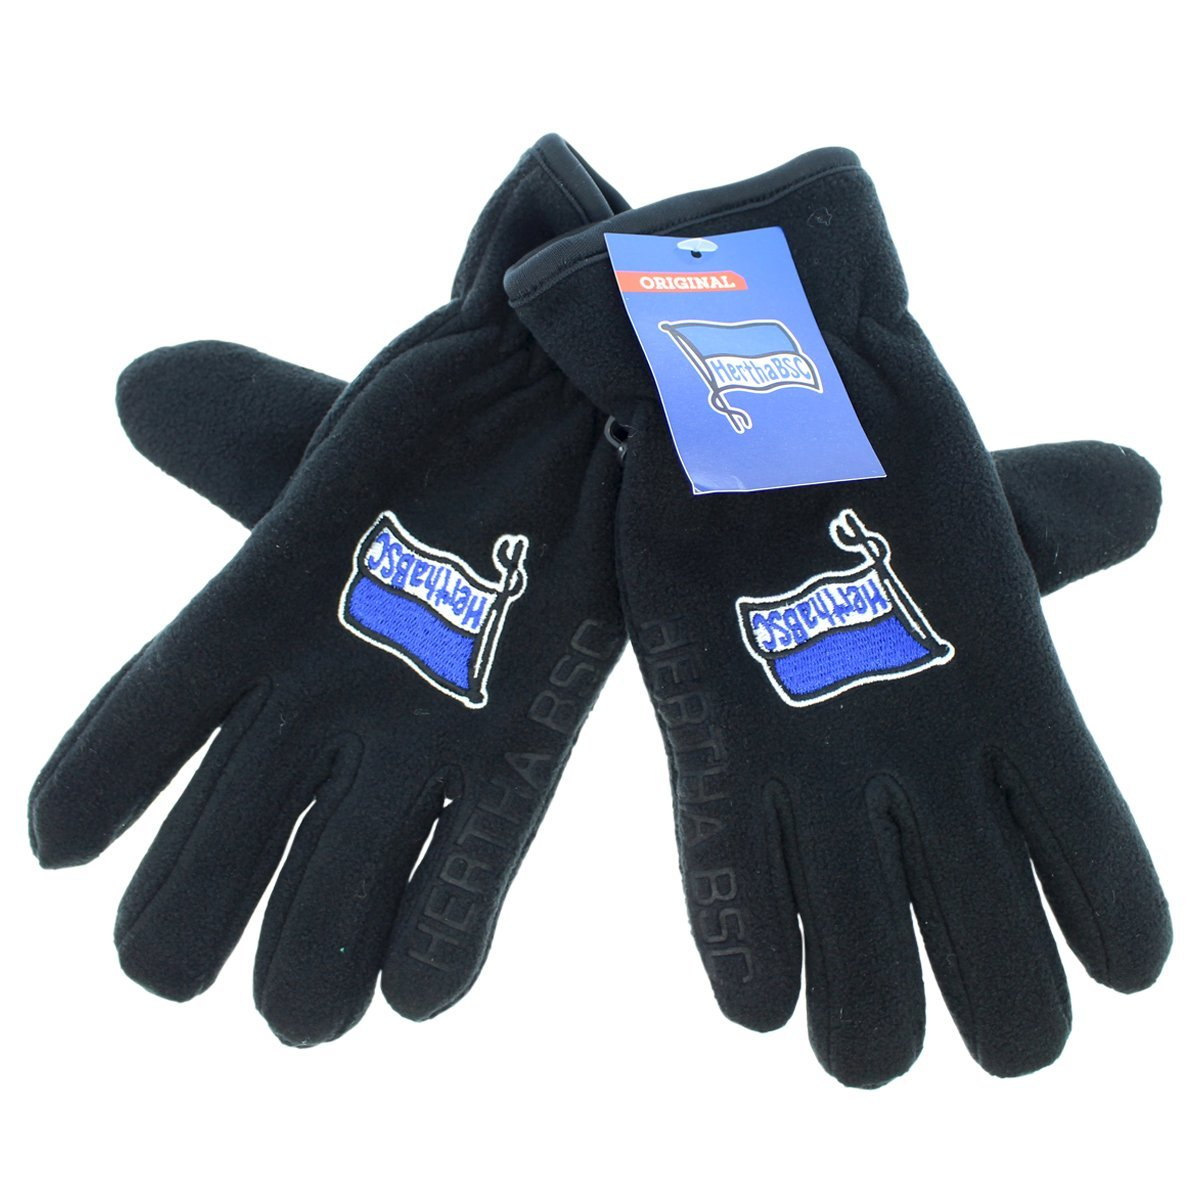 Hertha BSC Berlin Handschuhe Thinsulate Gr. S Fleece Trade Con